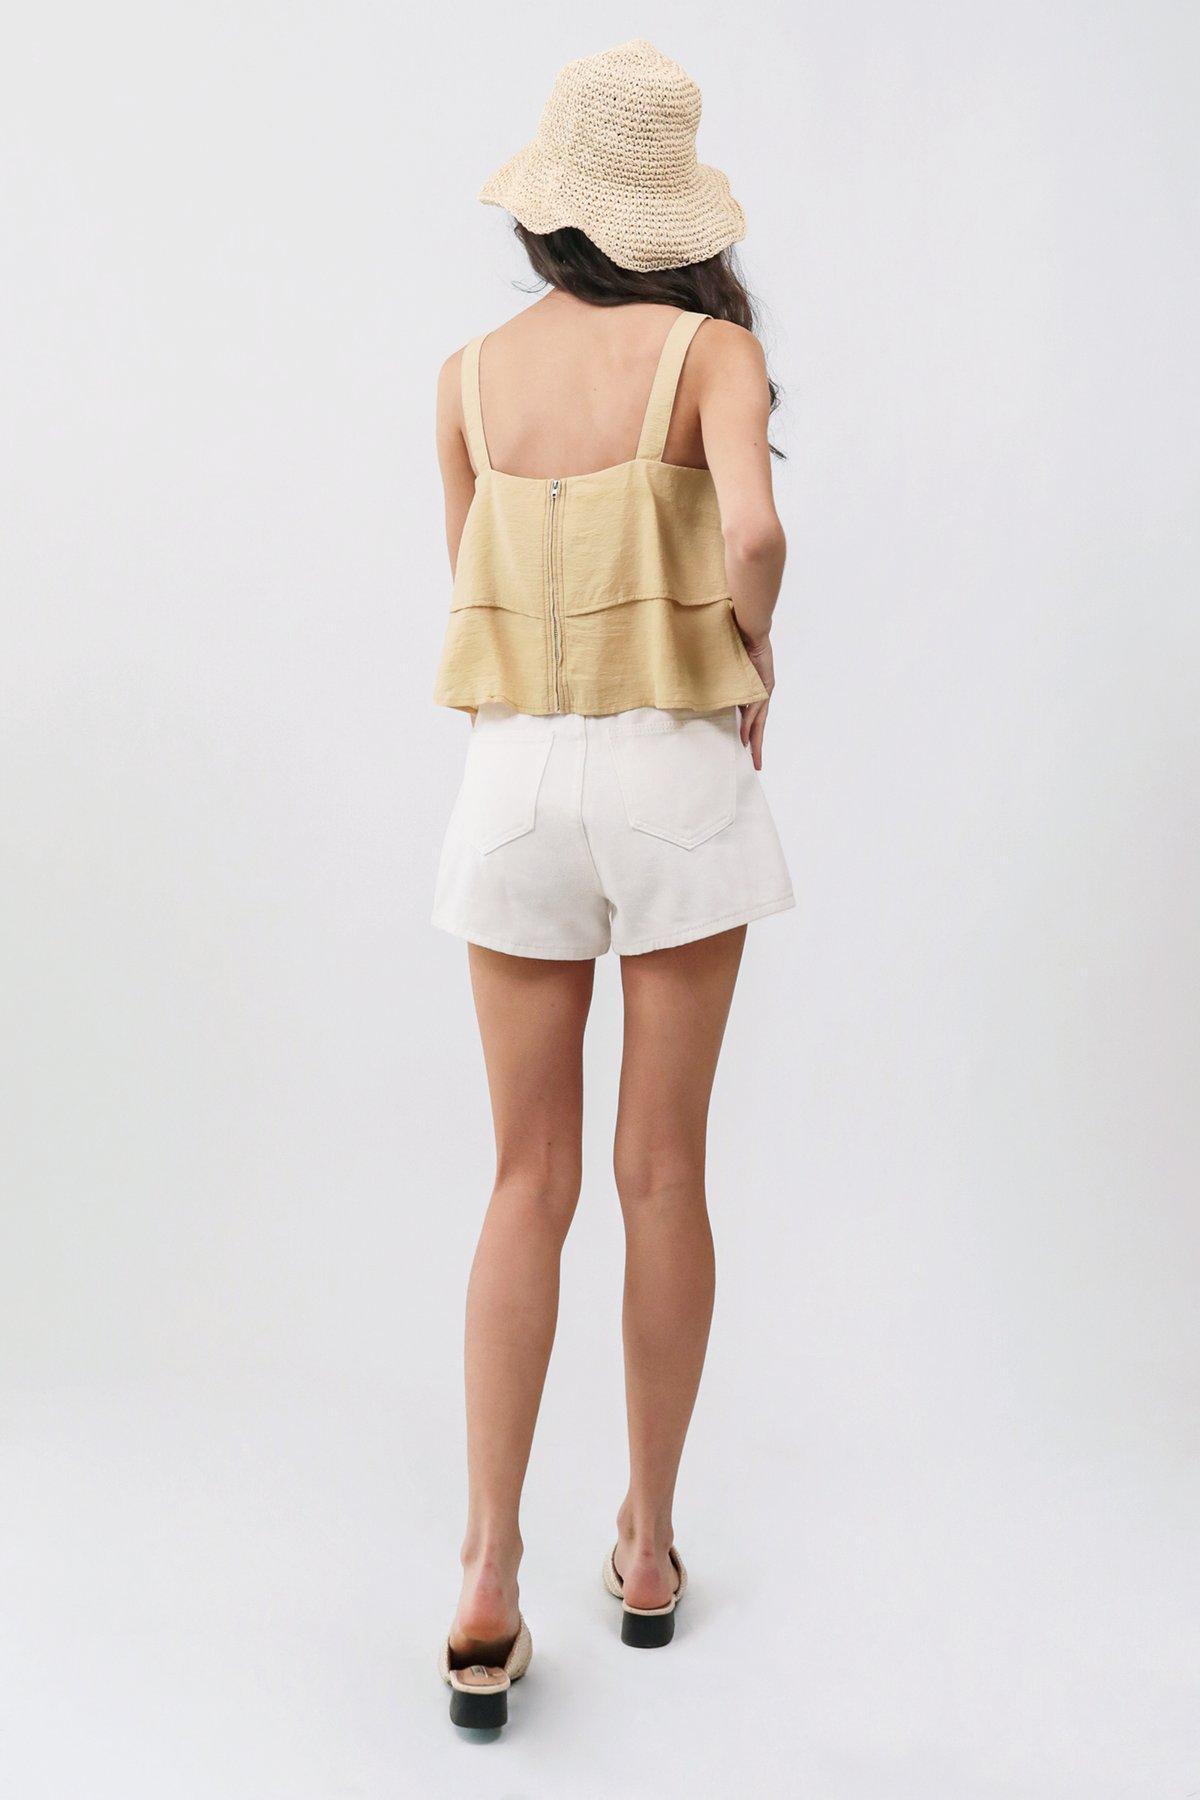 Josh Denim Shorts (White)